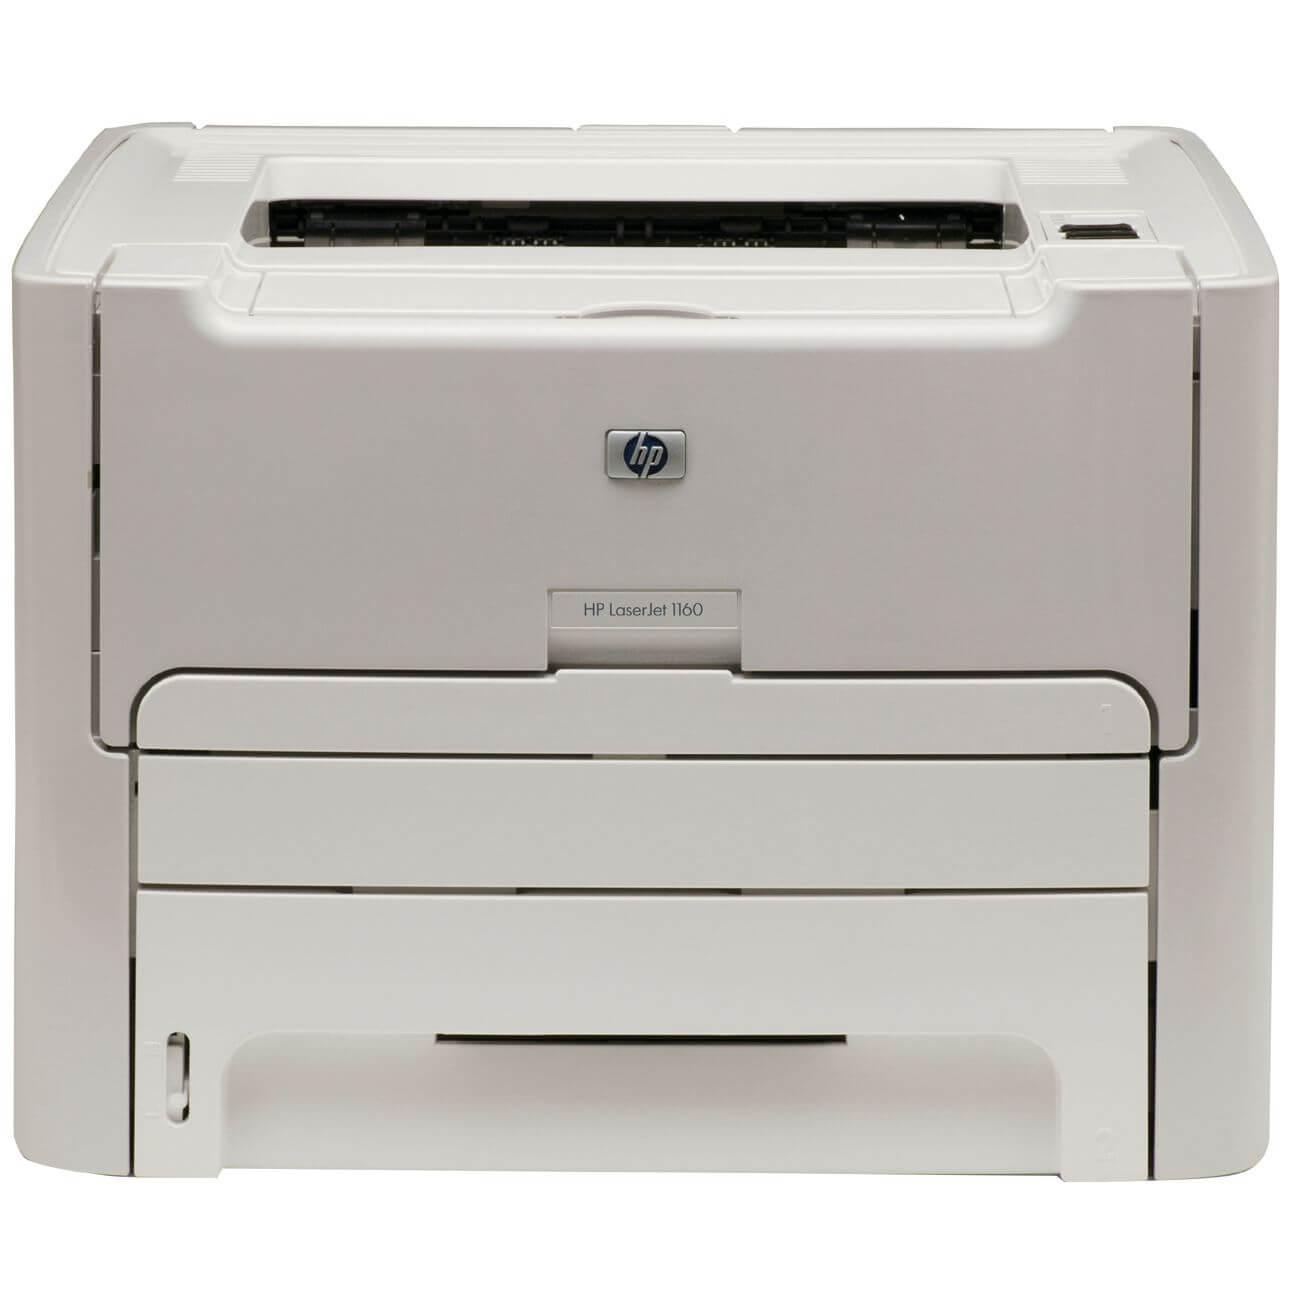 Máy in HP Laserjet 1160 cũ